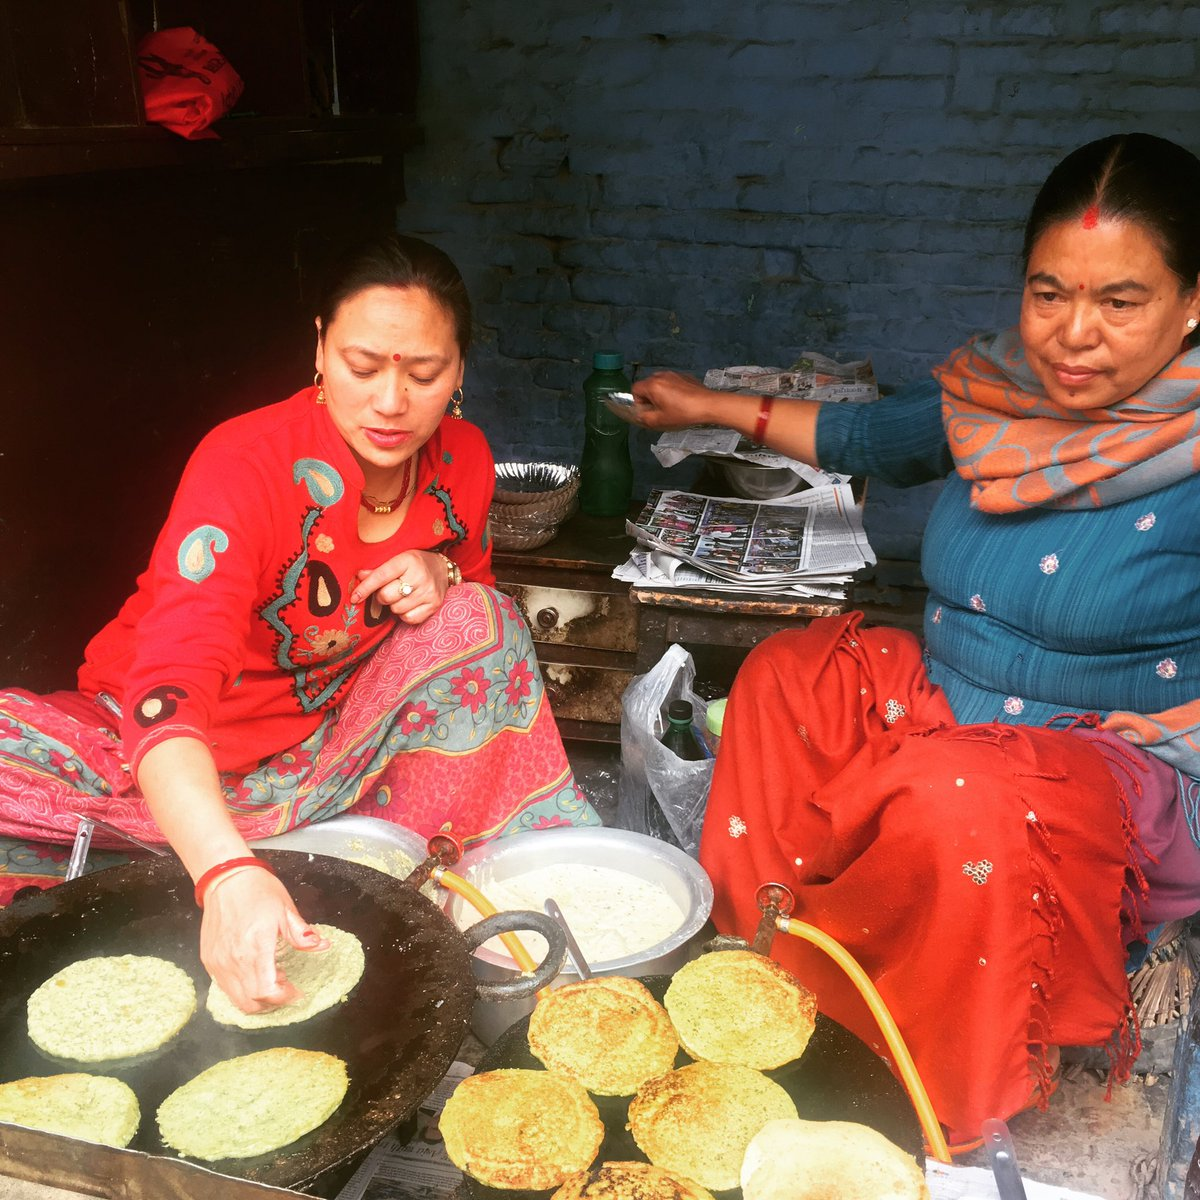 test ツイッターメディア - ナマステ(^人^)  本日も12時よりオープンです! ダルバートは定番チキンと薩摩芋のタルカリ、バングラ定食はラムのカレーになってます。  今日のアジアルアジアな1枚はネパールから。ウォーというネワール族の料理を焼いてます。  本日も皆様のご来店を心よりお待ちしておりますm(*_ _)m https://t.co/t0I2h75oDS